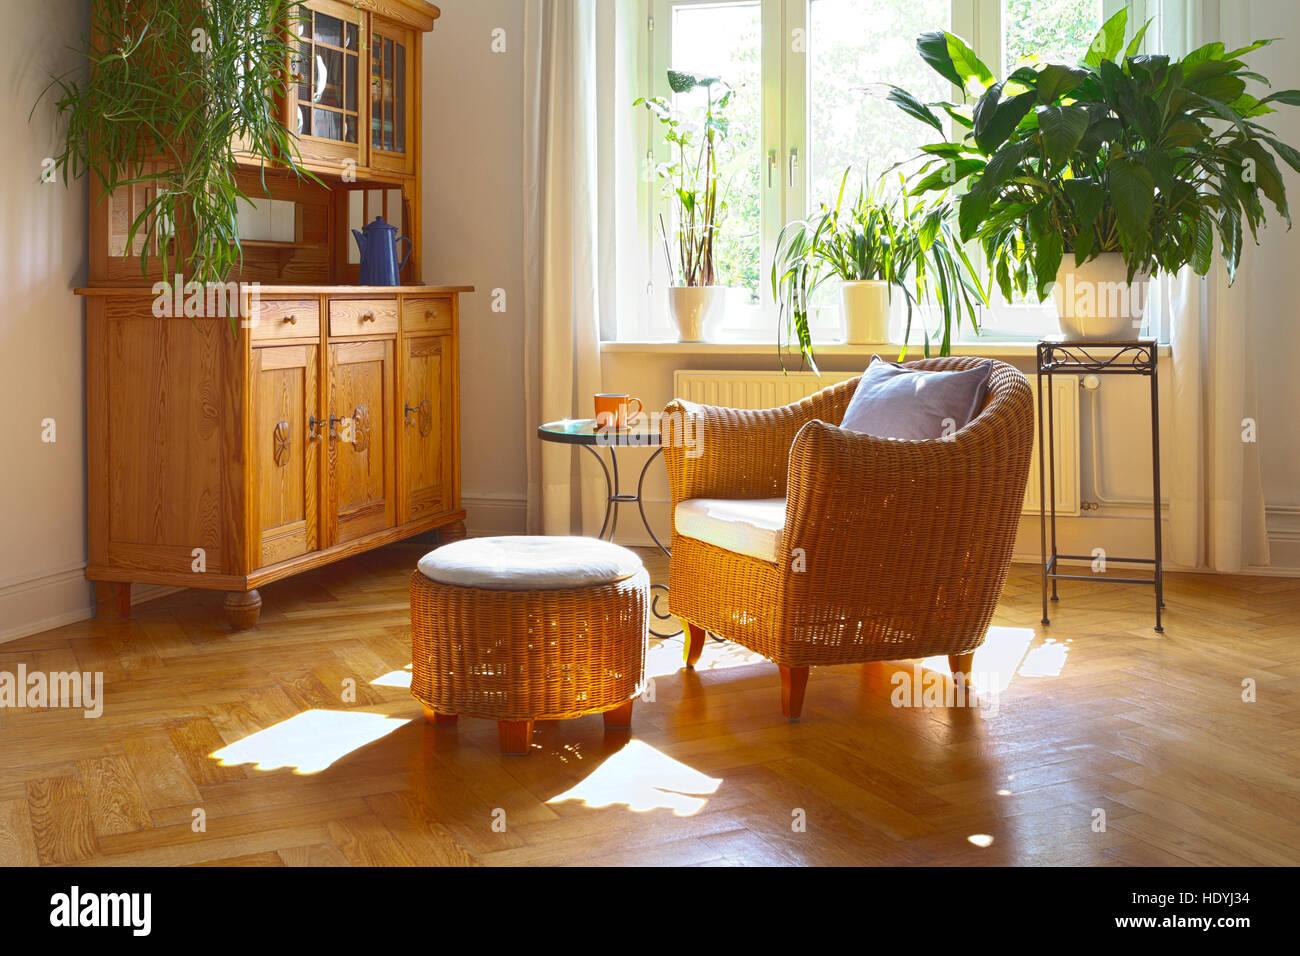 Sonniges Wohnzimmer in warmen Farben mit gemütlichen Wicker Sessel ...